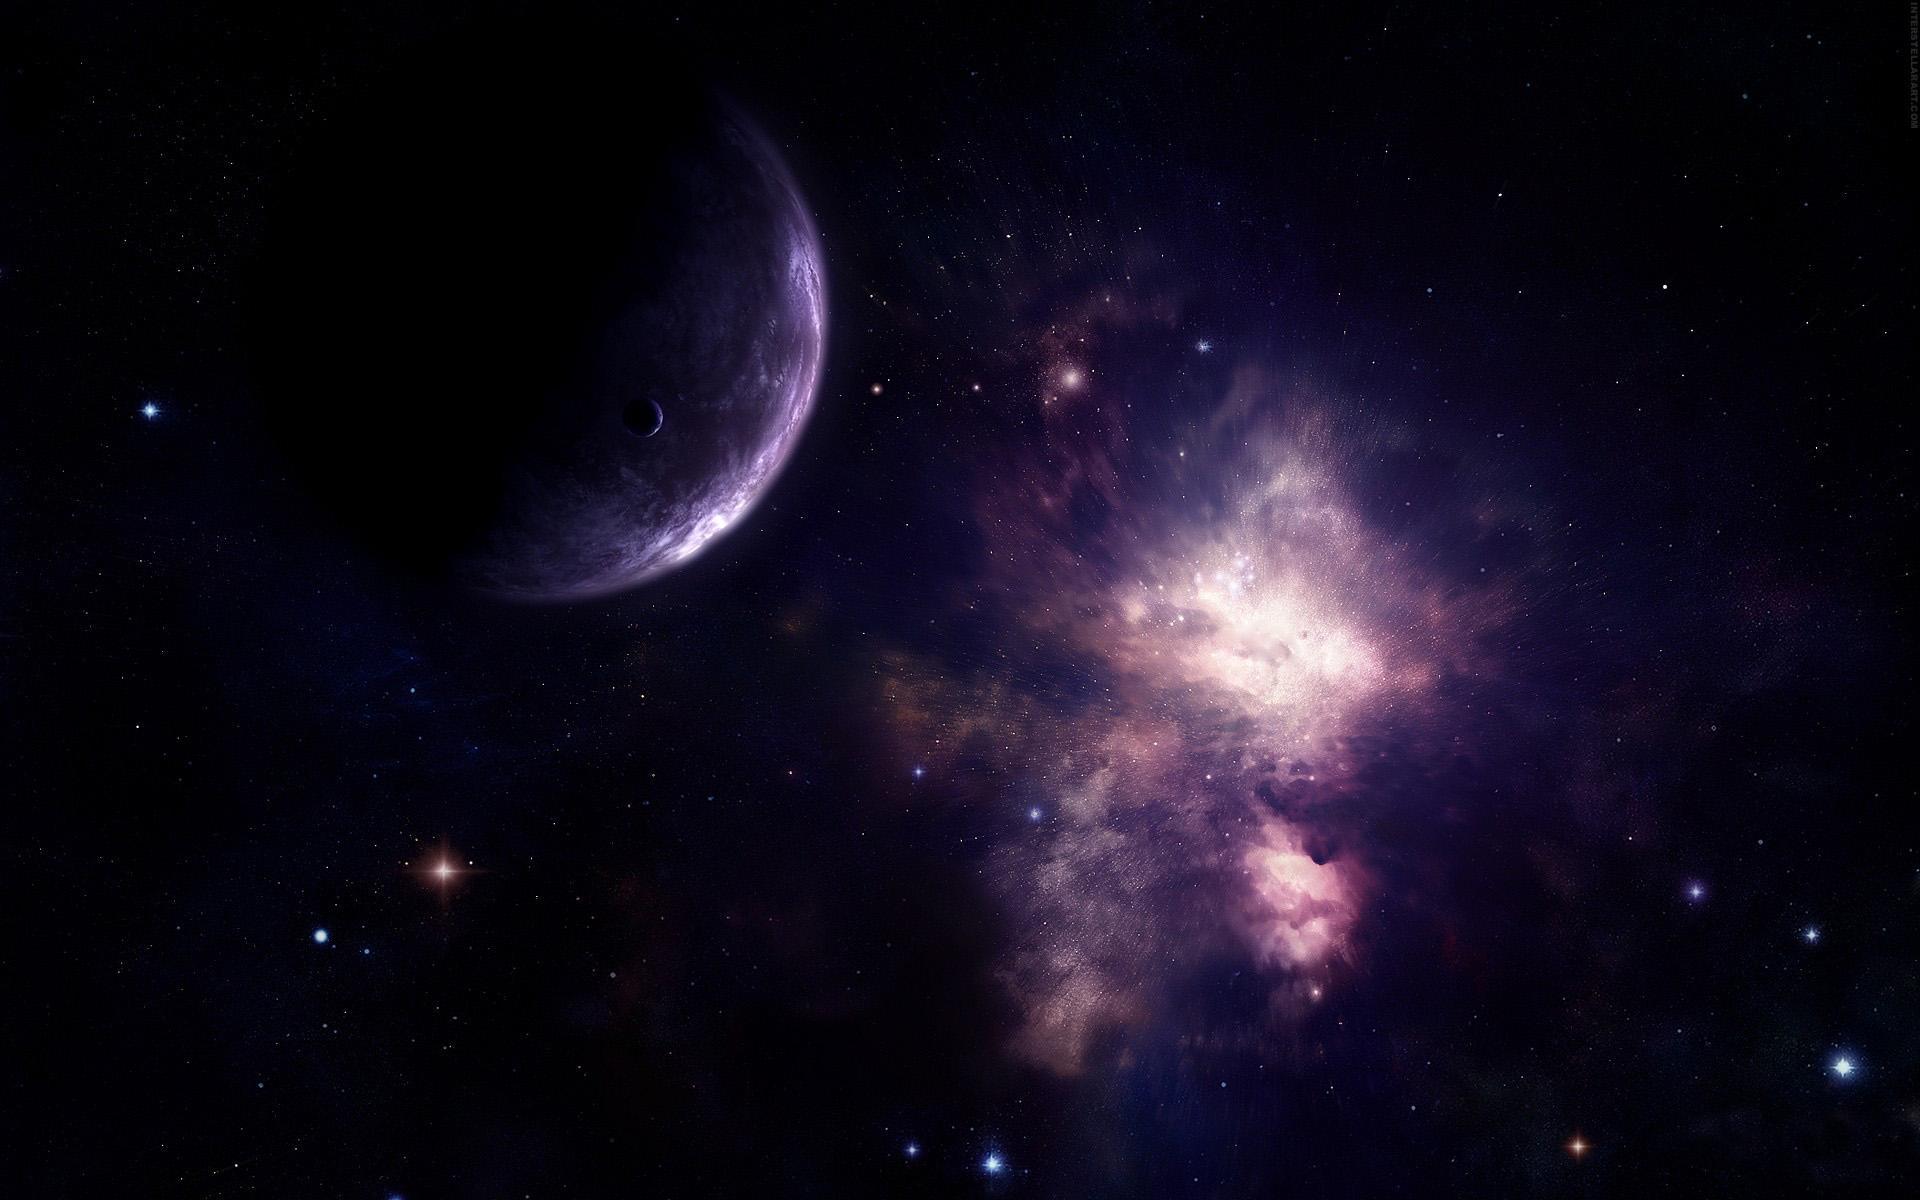 Обои мириады звезд в космосе высокого